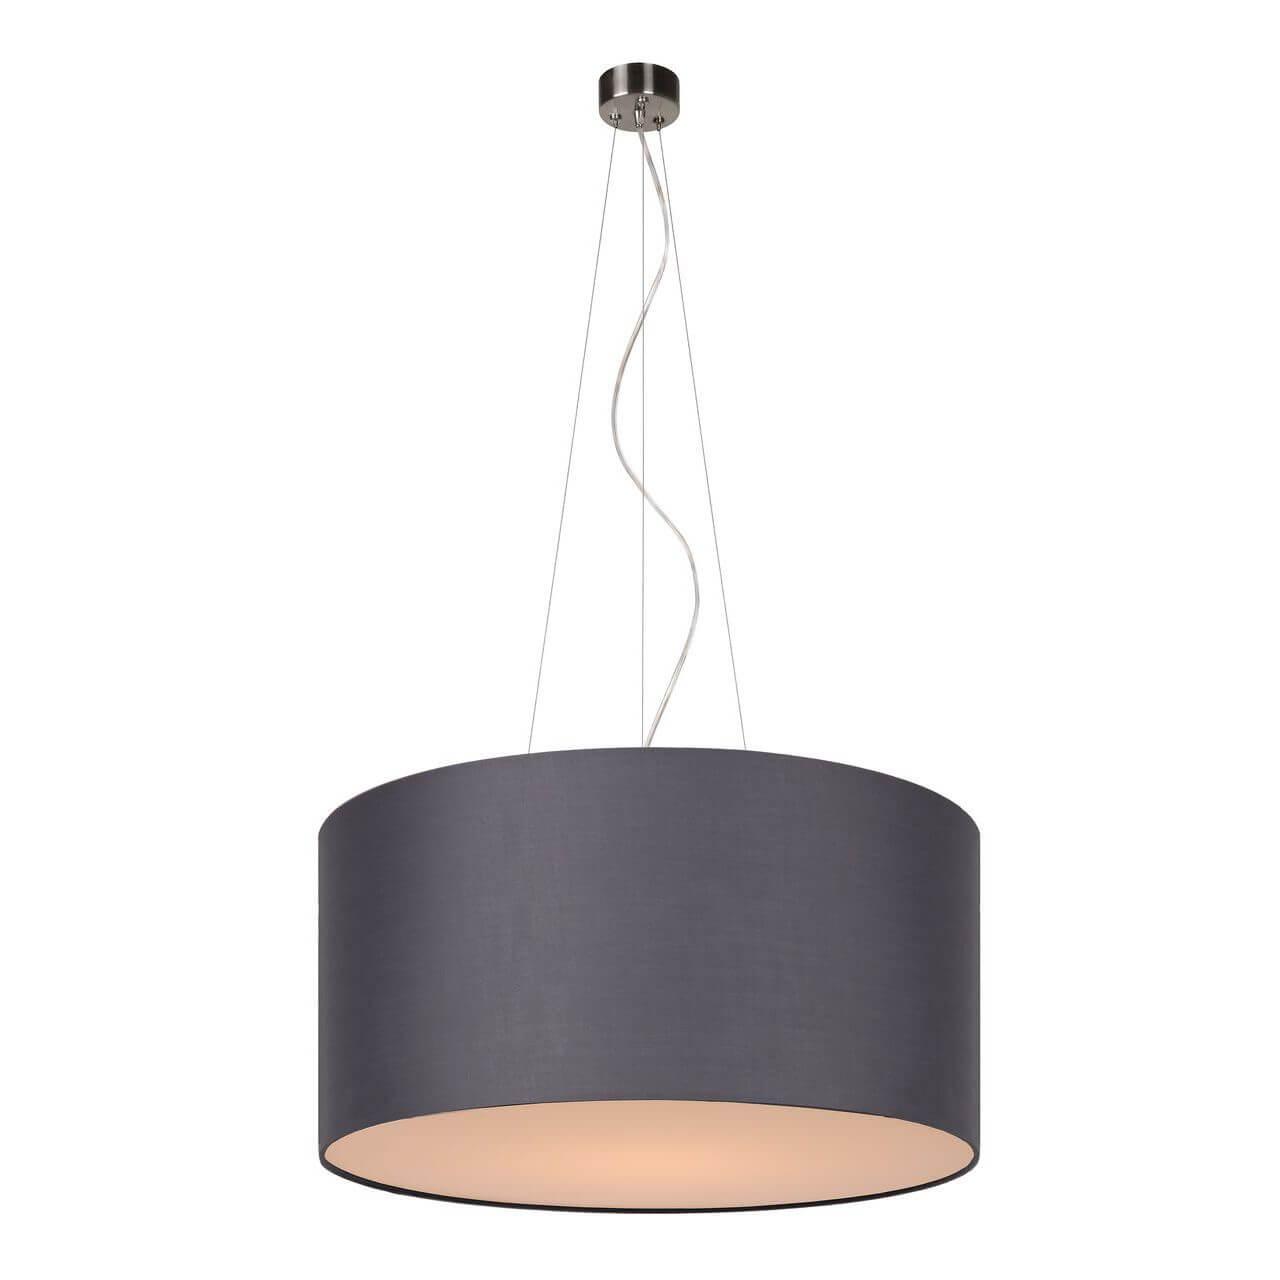 Подвесной светильник АртПром Crocus Glade S2 01 06 колонки sven sps 607 2 0 черный 6вт